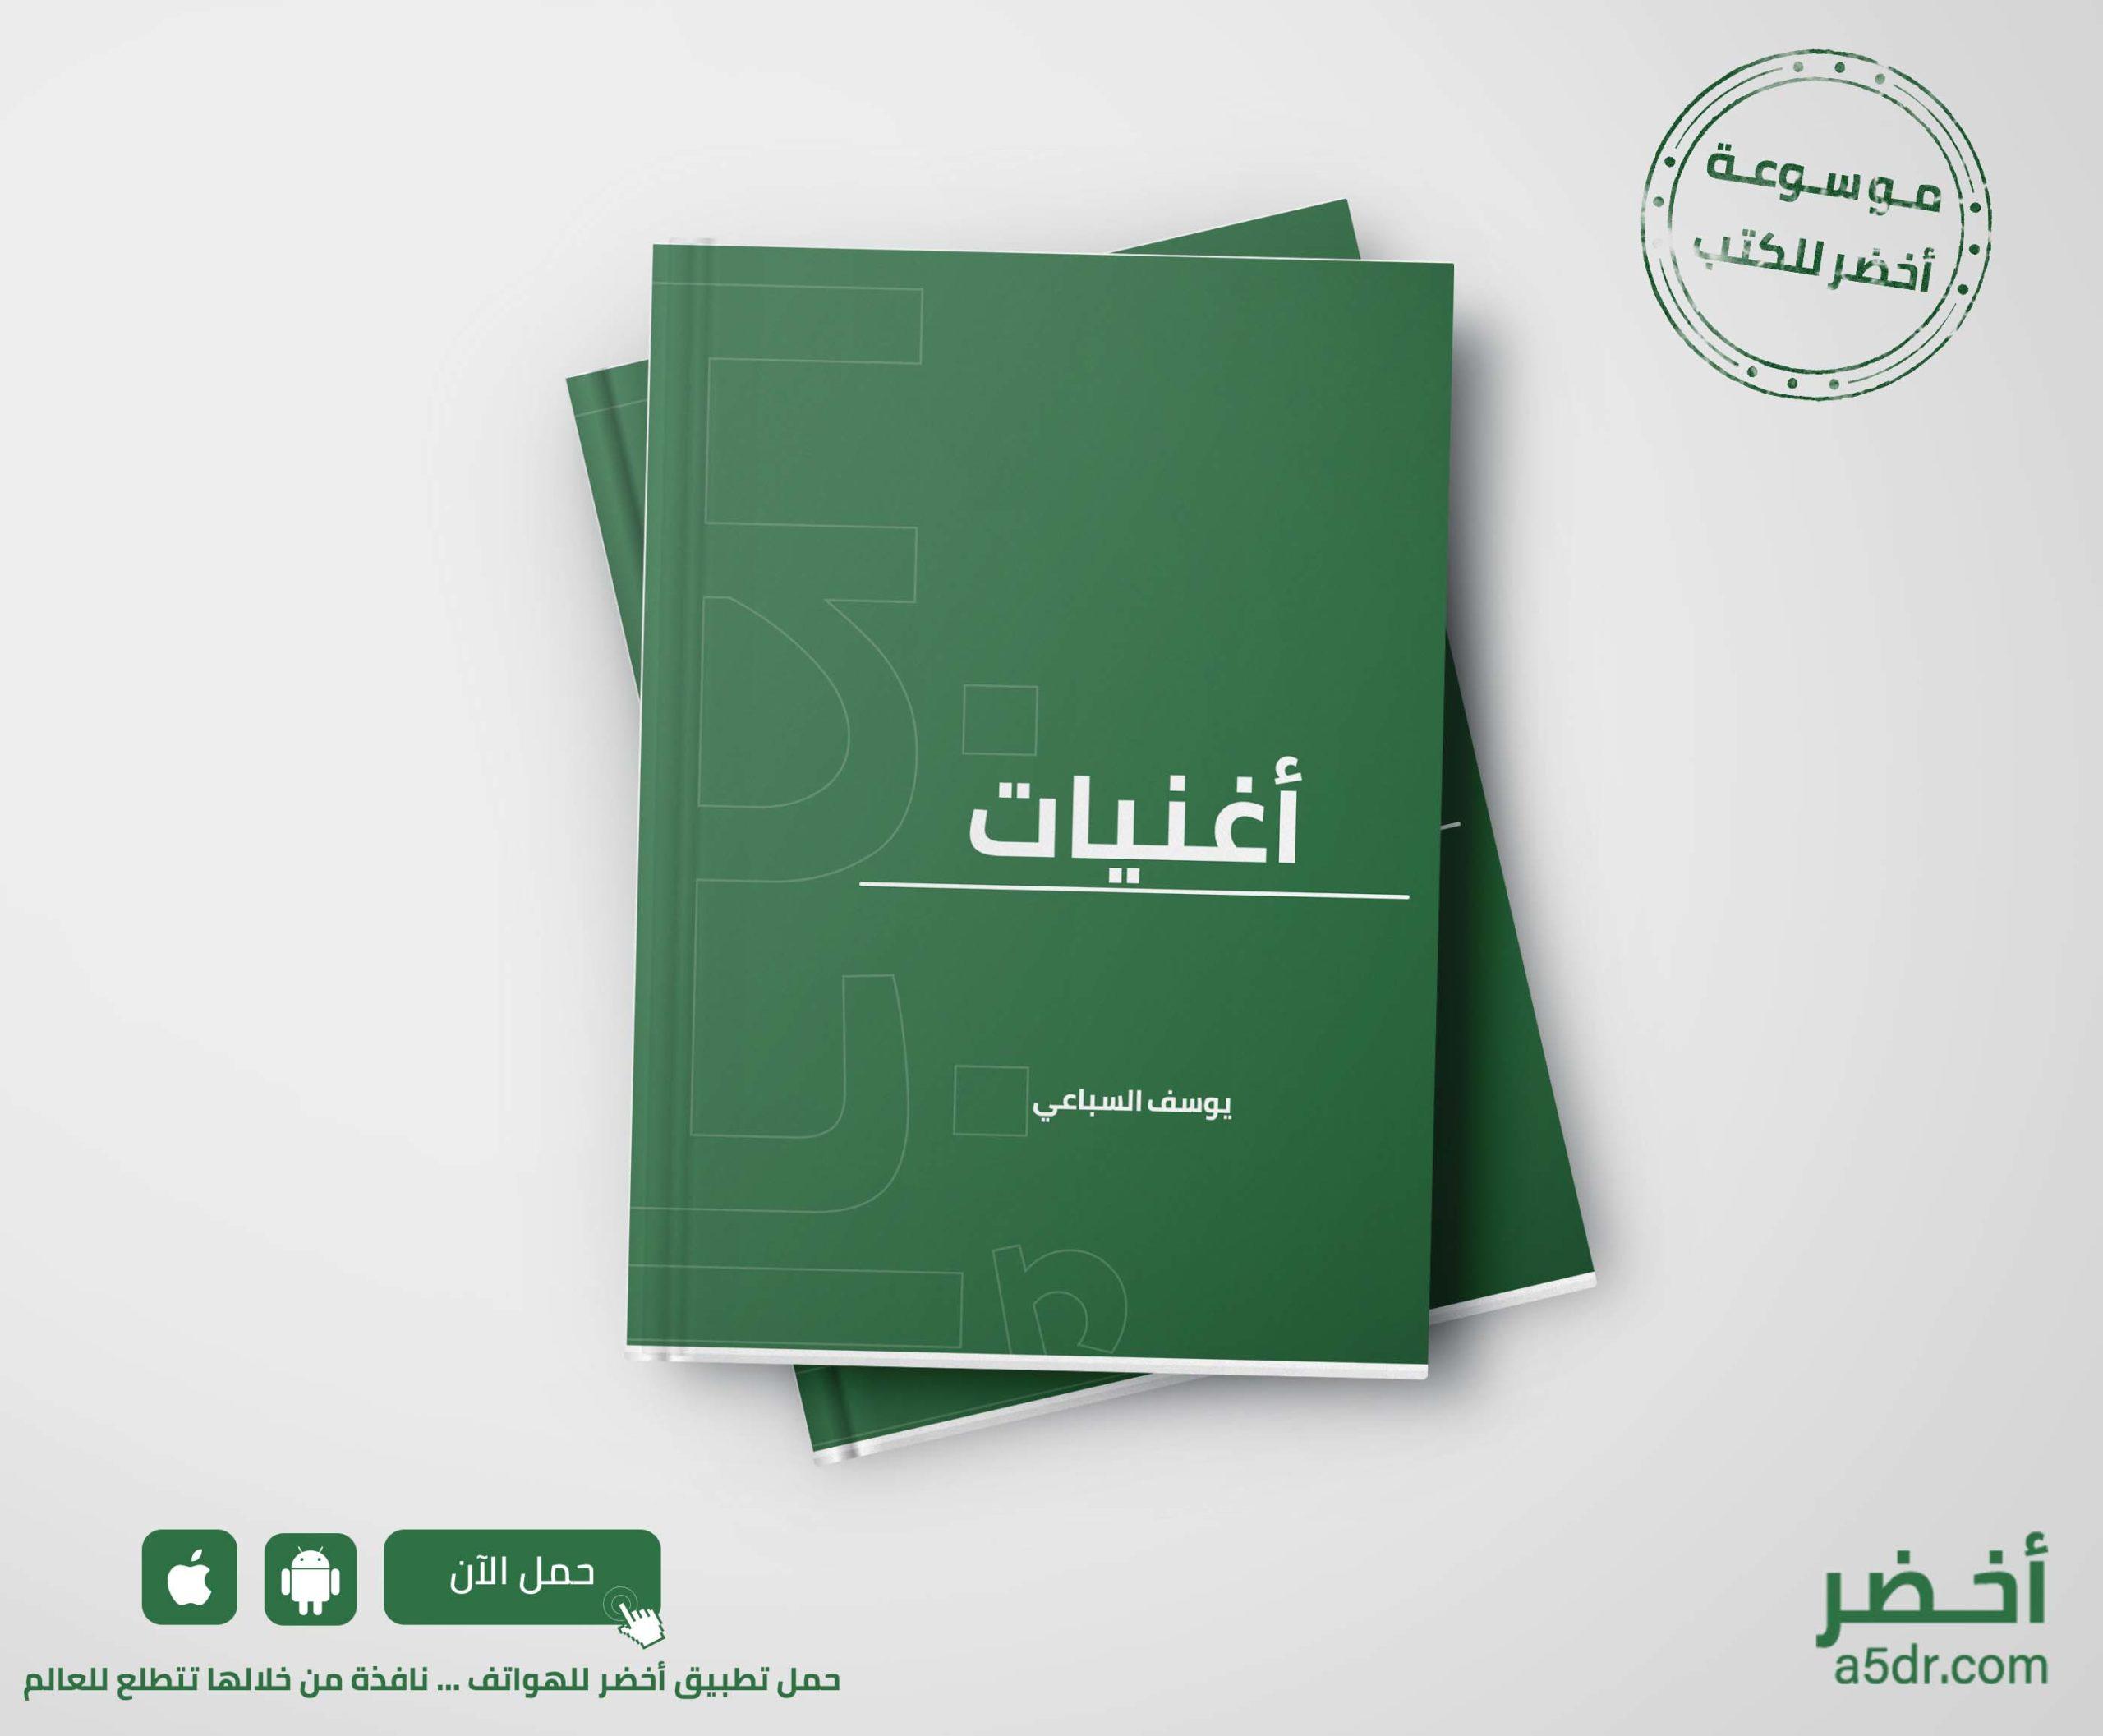 كتاب أغنيات - يوسف السباعي